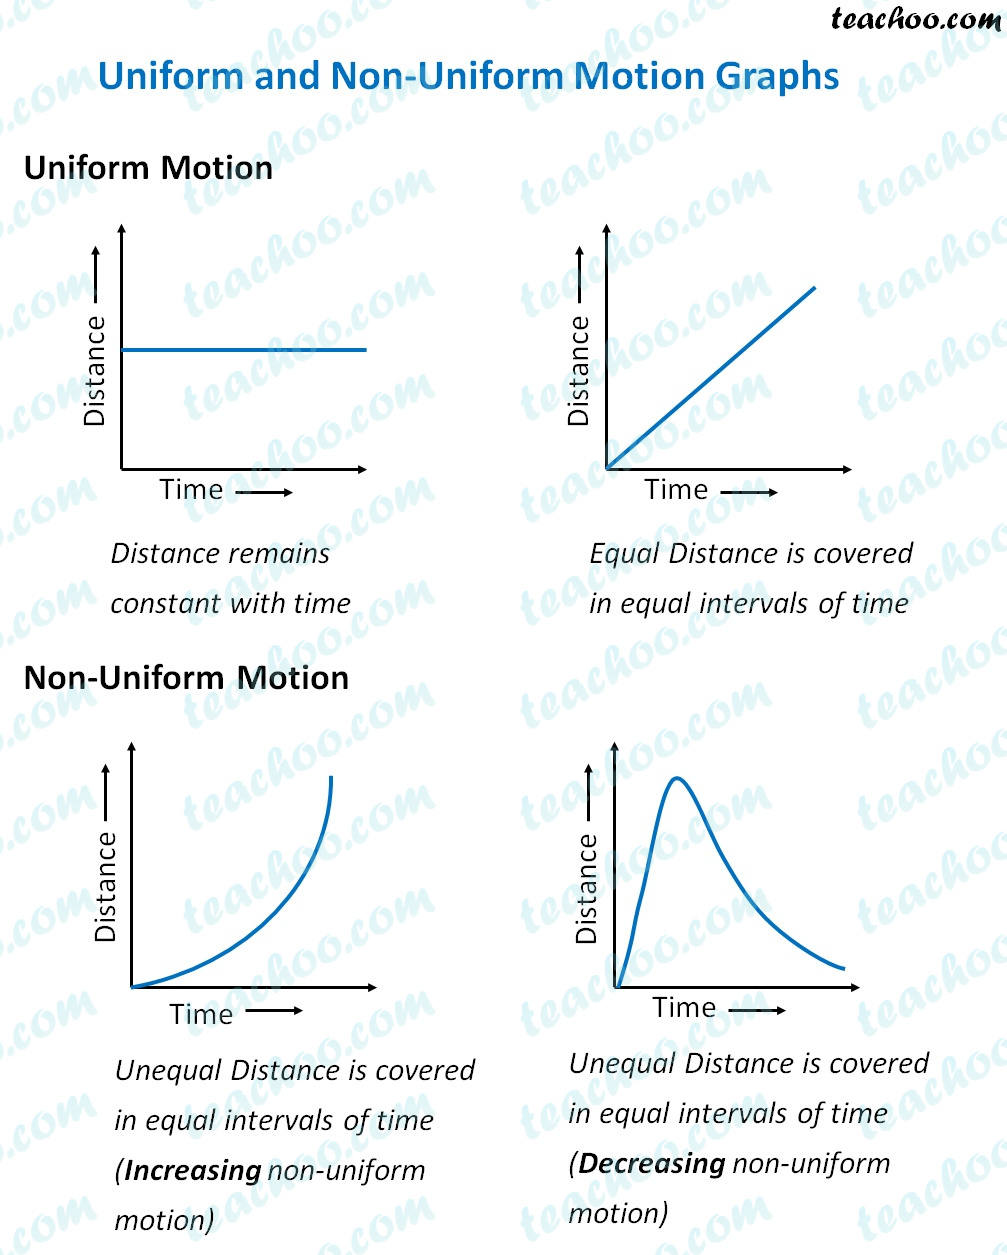 uniform-non-uniform-motion-graphs.jpg